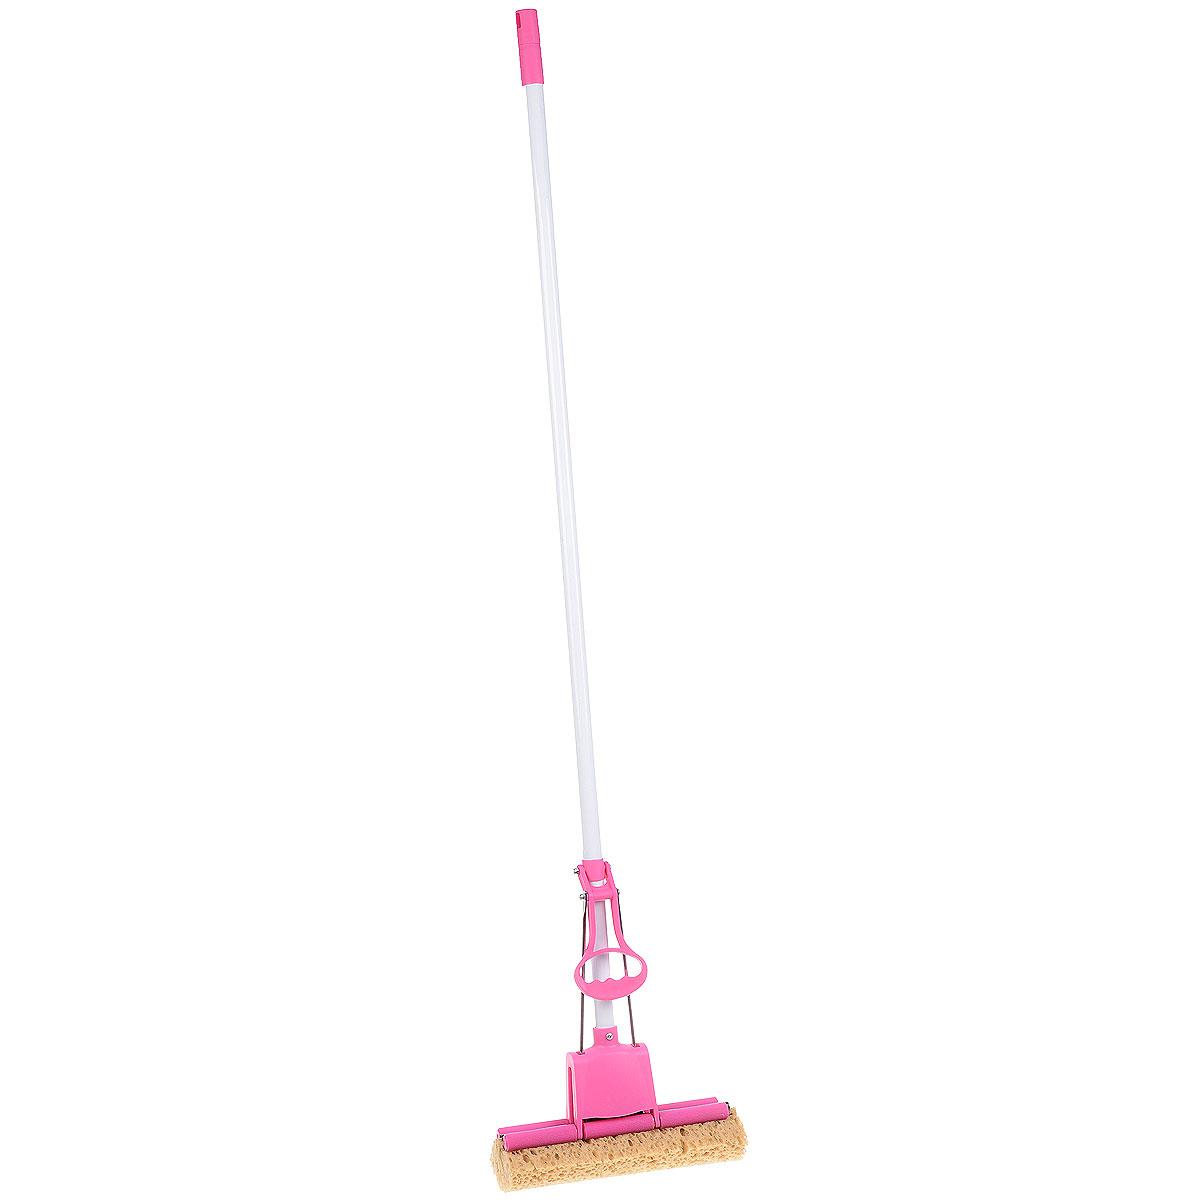 Швабра Home Queen Чудо-спонж с отжимом, цвет: белый, розовый60309_розовыйШвабра Home Queen Чудо-спонж, выполненная из металла, пенополиуретана и пластика, подходит для всех видов напольных покрытий. Швабра, имеющая отжимной механизм с одним роликом, хорошо впитывает большое количество влаги и легко устраняет загрязнения в труднодоступных местах благодаря угловой форме насадки. Швабра Home Queen Чудо-спонж проста в использовании, легко отжимает воду при помощи поднятия отжимного механизма, сохраняя ваши руки сухими и чистыми. Длина ручки швабры: 112 см. Размер губки: 27 см х 9 см х 6 см.